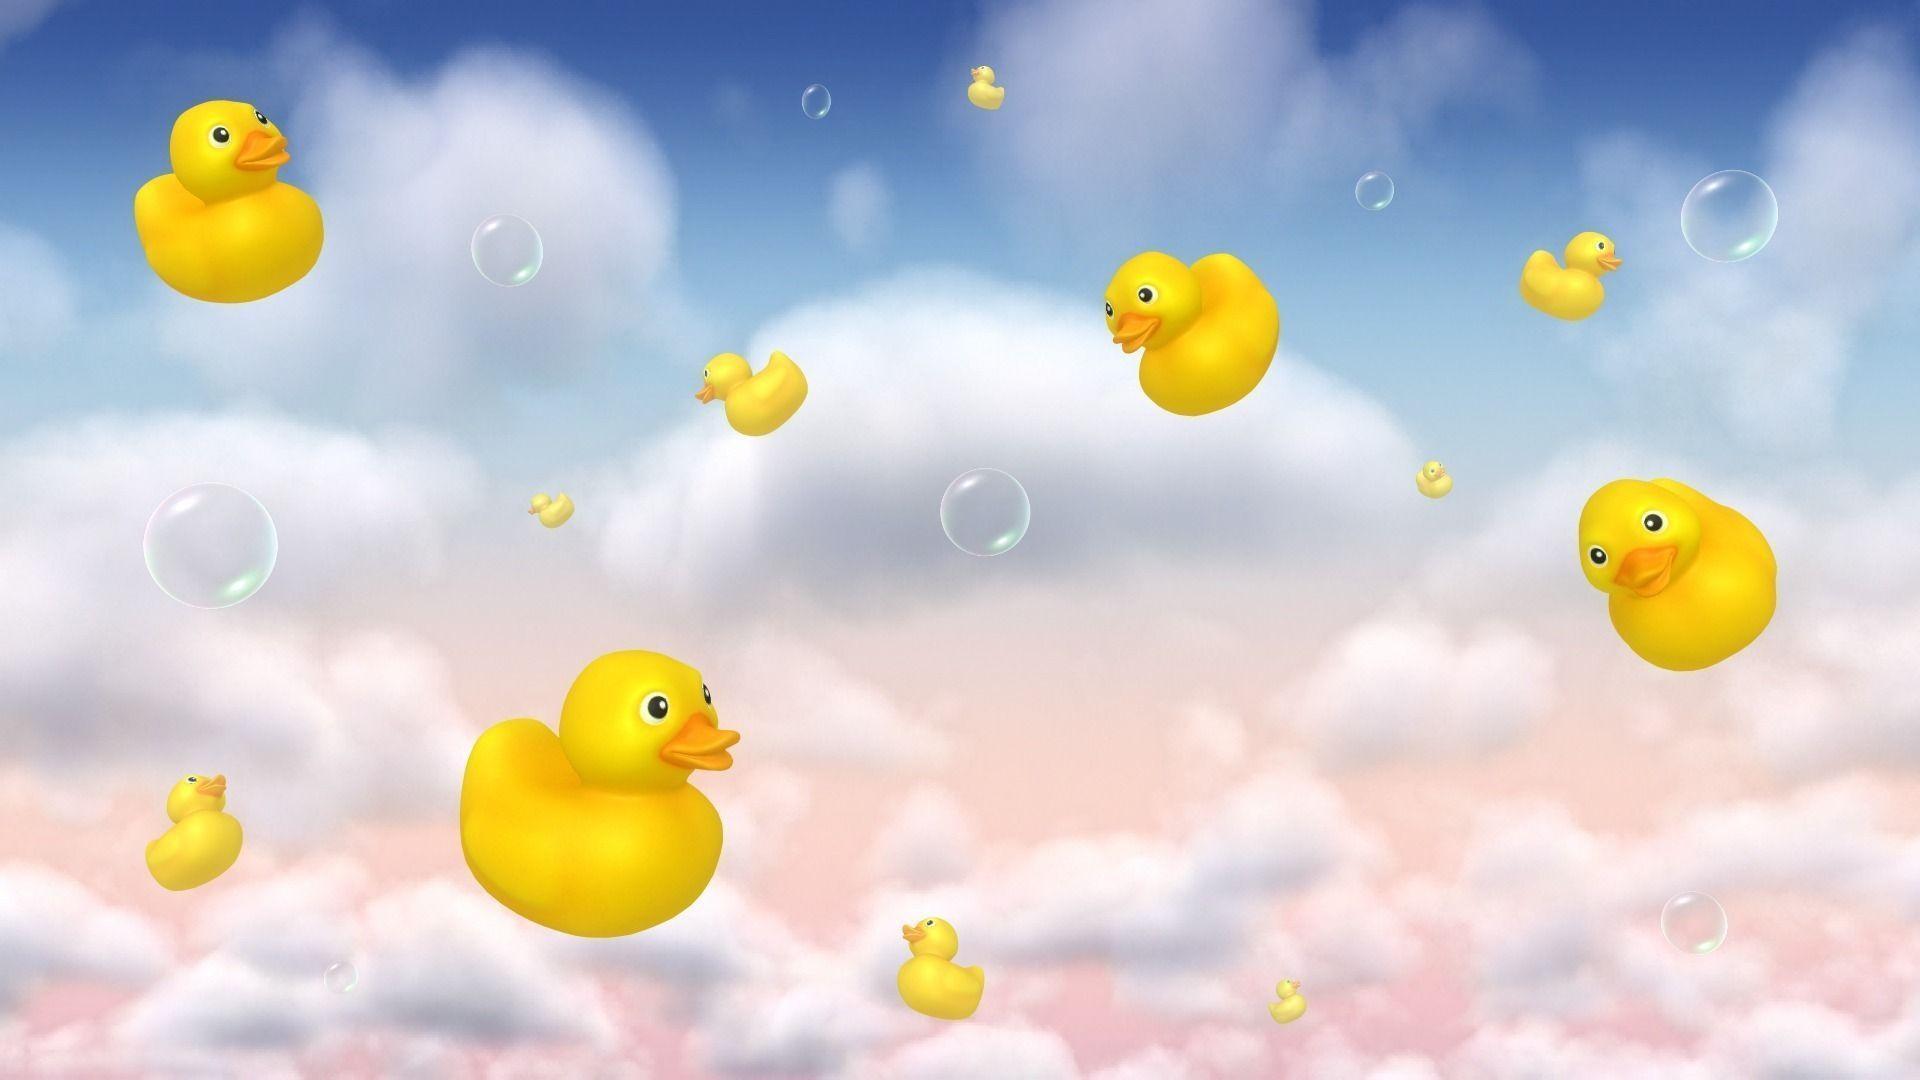 rubber duck wallpaper - photo #10